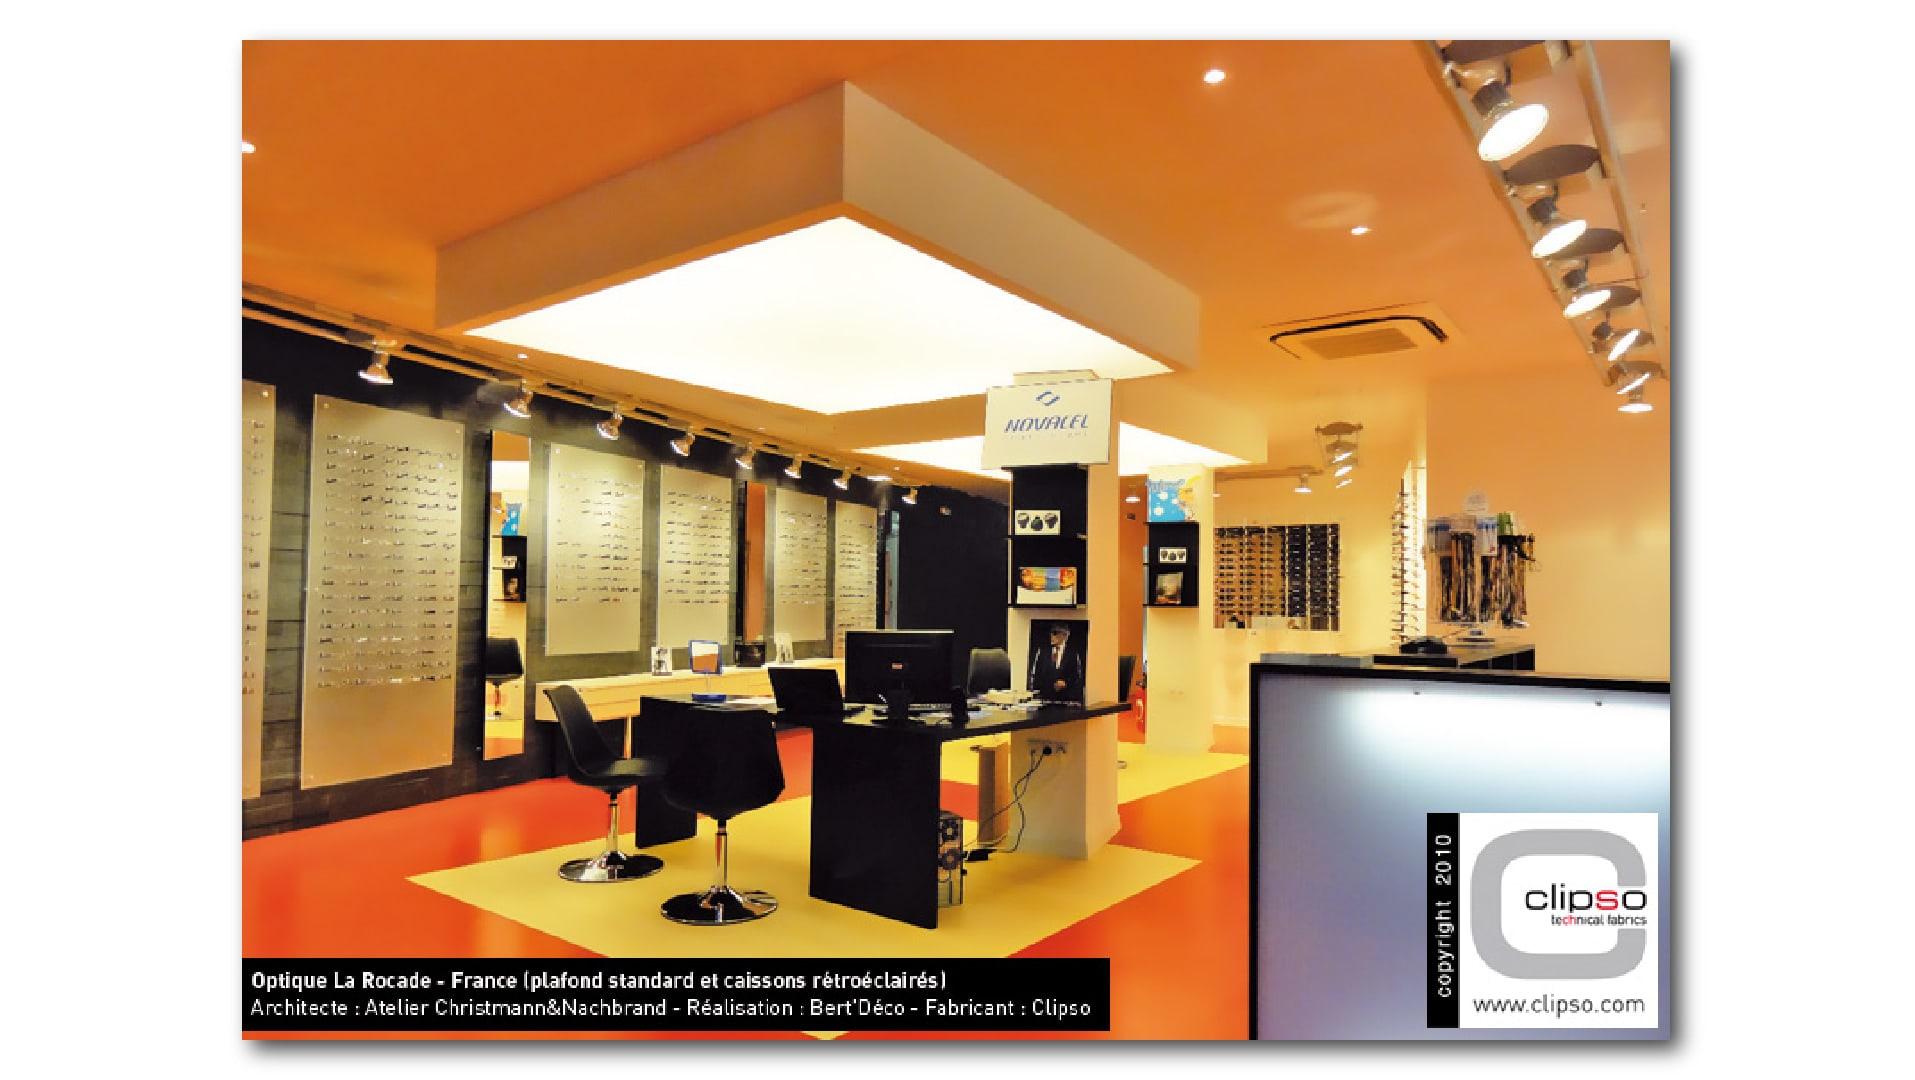 Verkaufsraum_Standard Deckenbespannung_und_flächig hinterleuchteten Lichtdeckenelementen